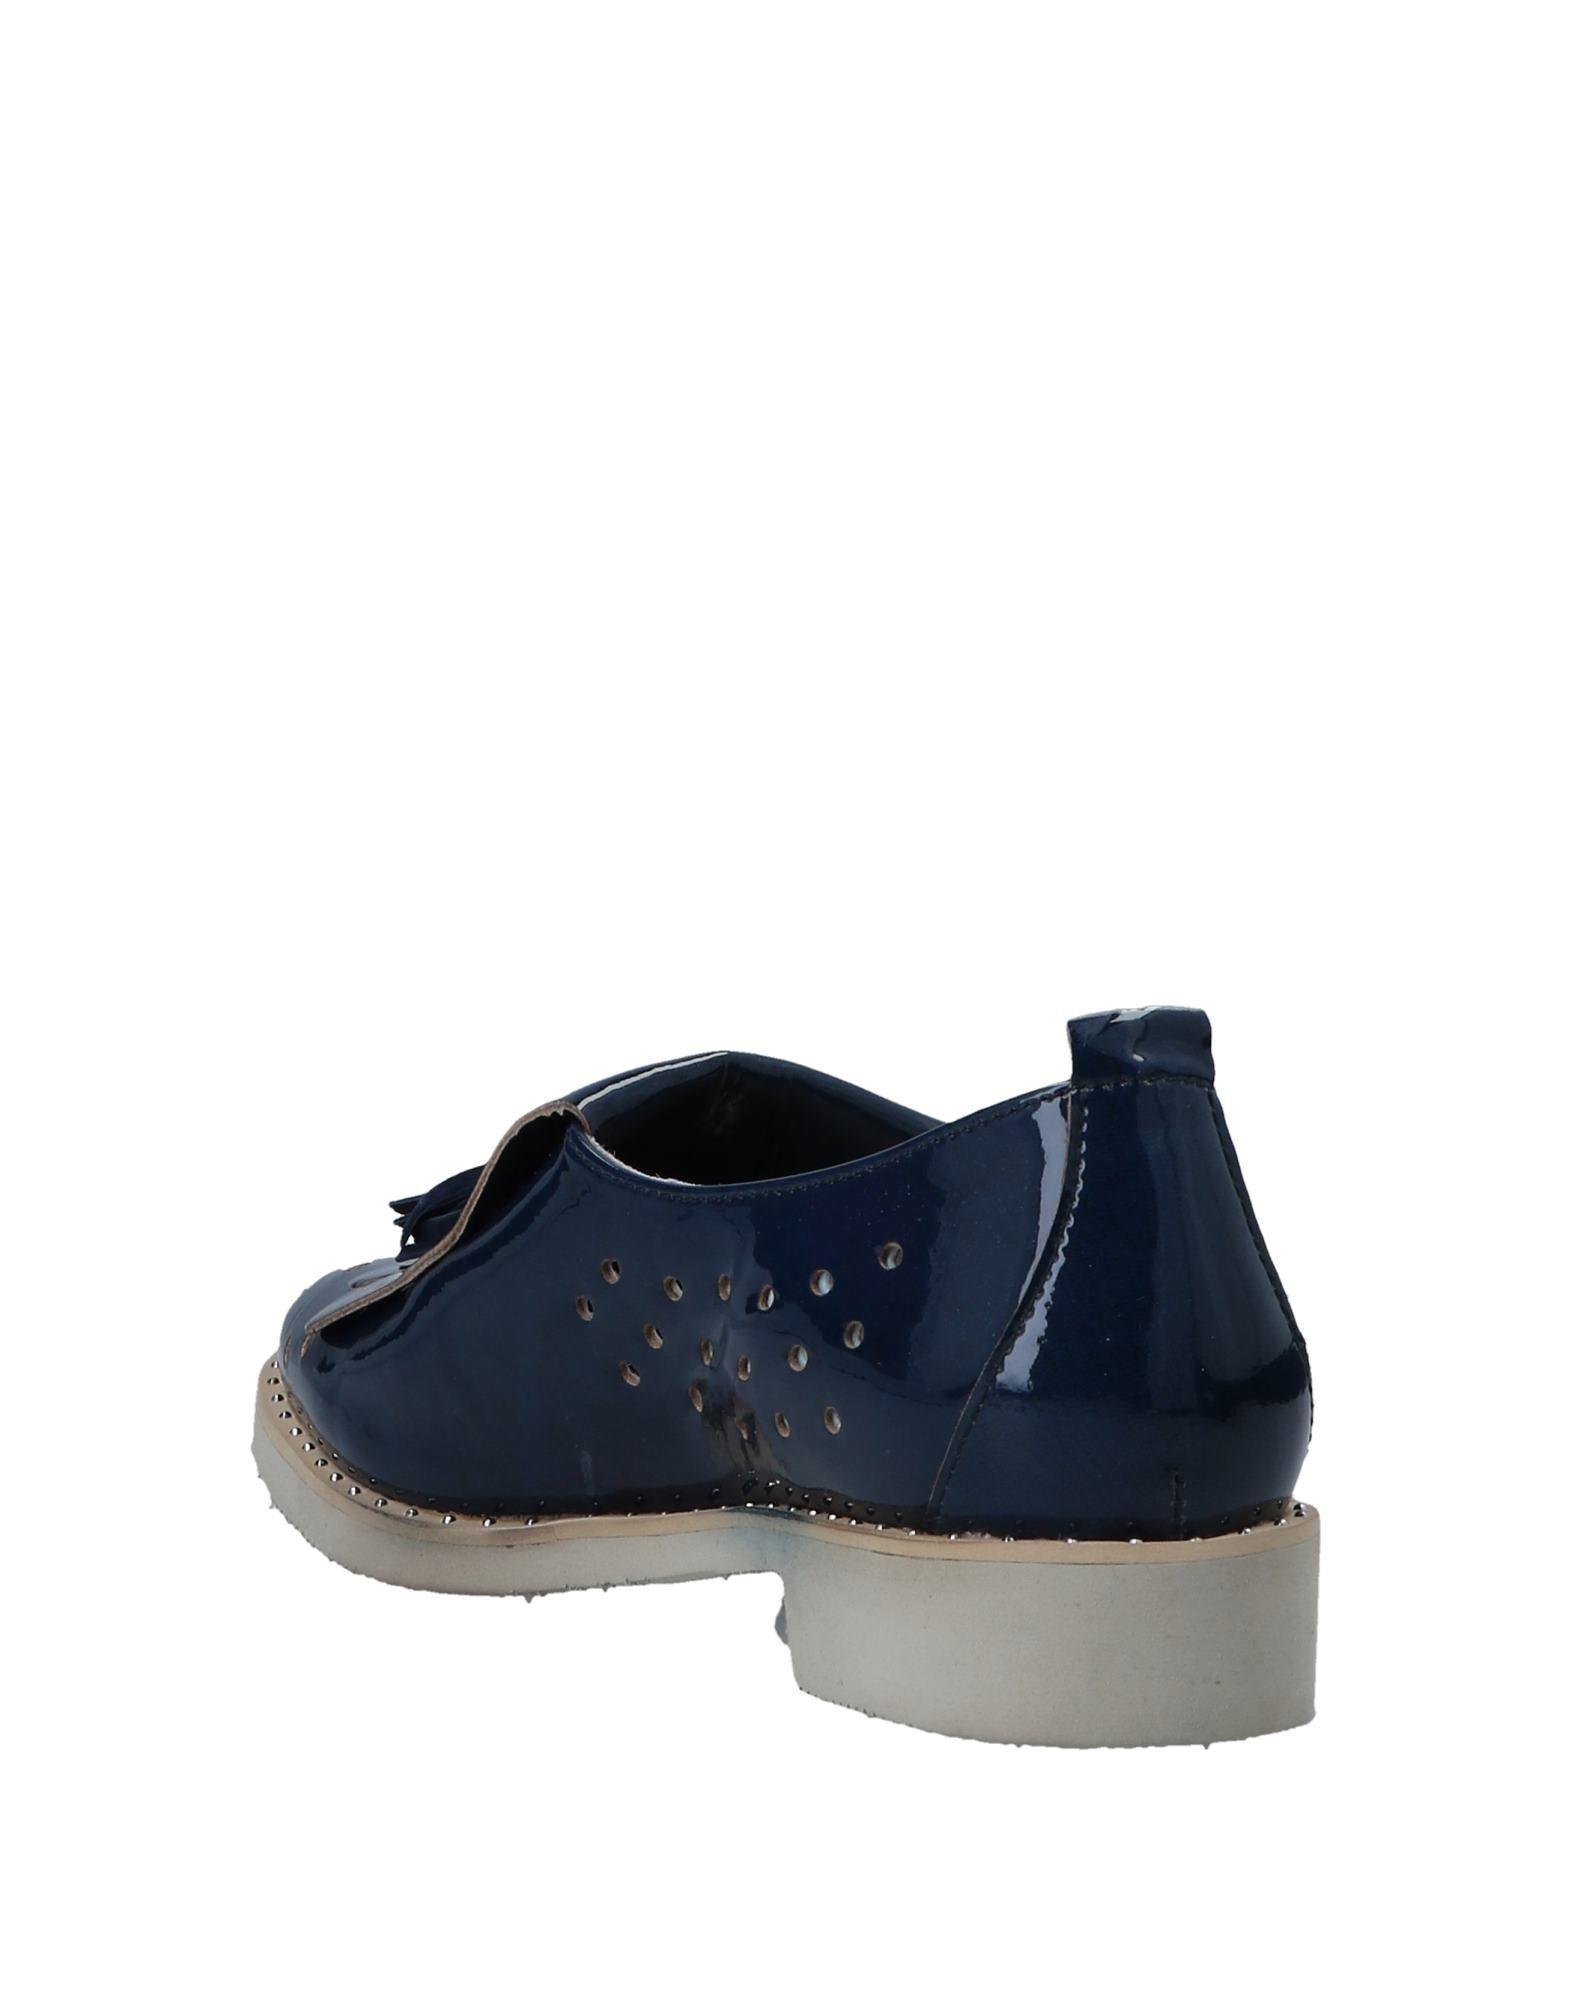 Calpierre Gute Mokassins Damen  11551459WP Gute Calpierre Qualität beliebte Schuhe 30aaf3